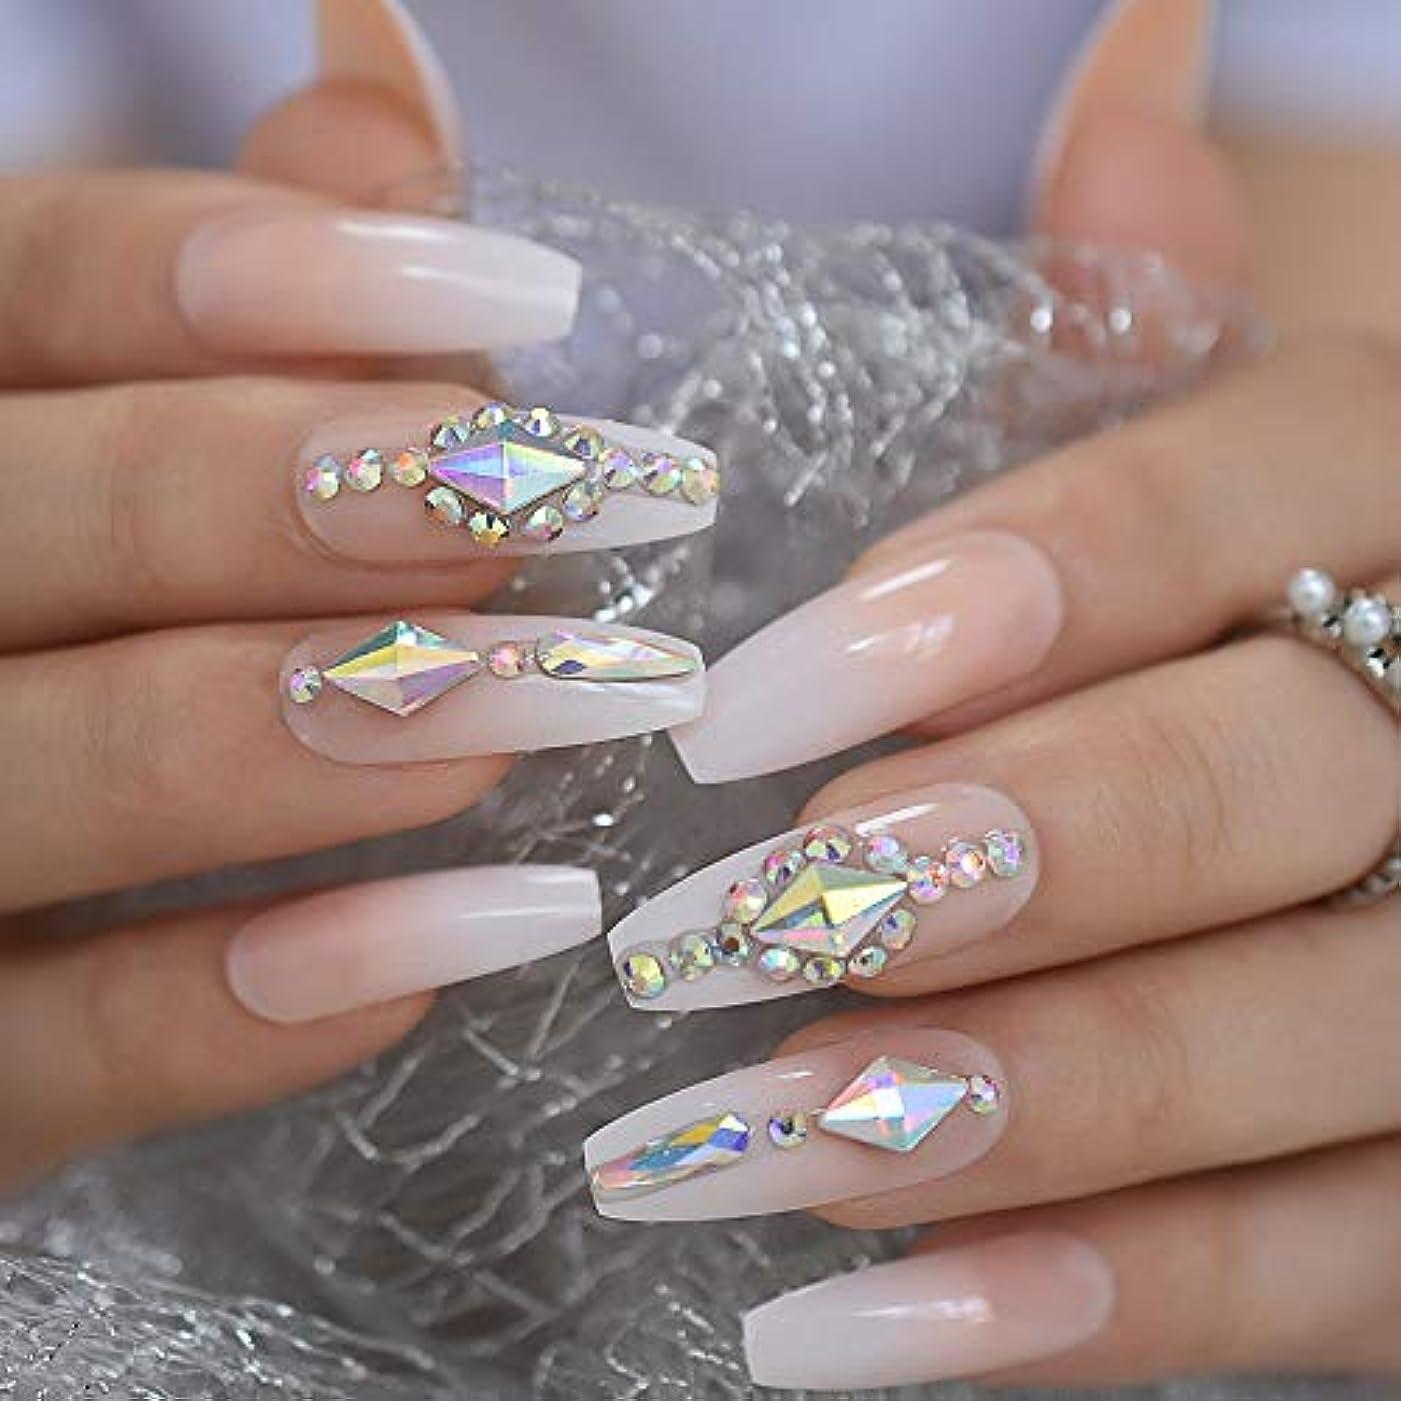 人気中央値子猫XUTXZKA ロング3D ketグリッターピンクヌードフェイクネイルGradeint Natrual Press on Finger Wear Nails